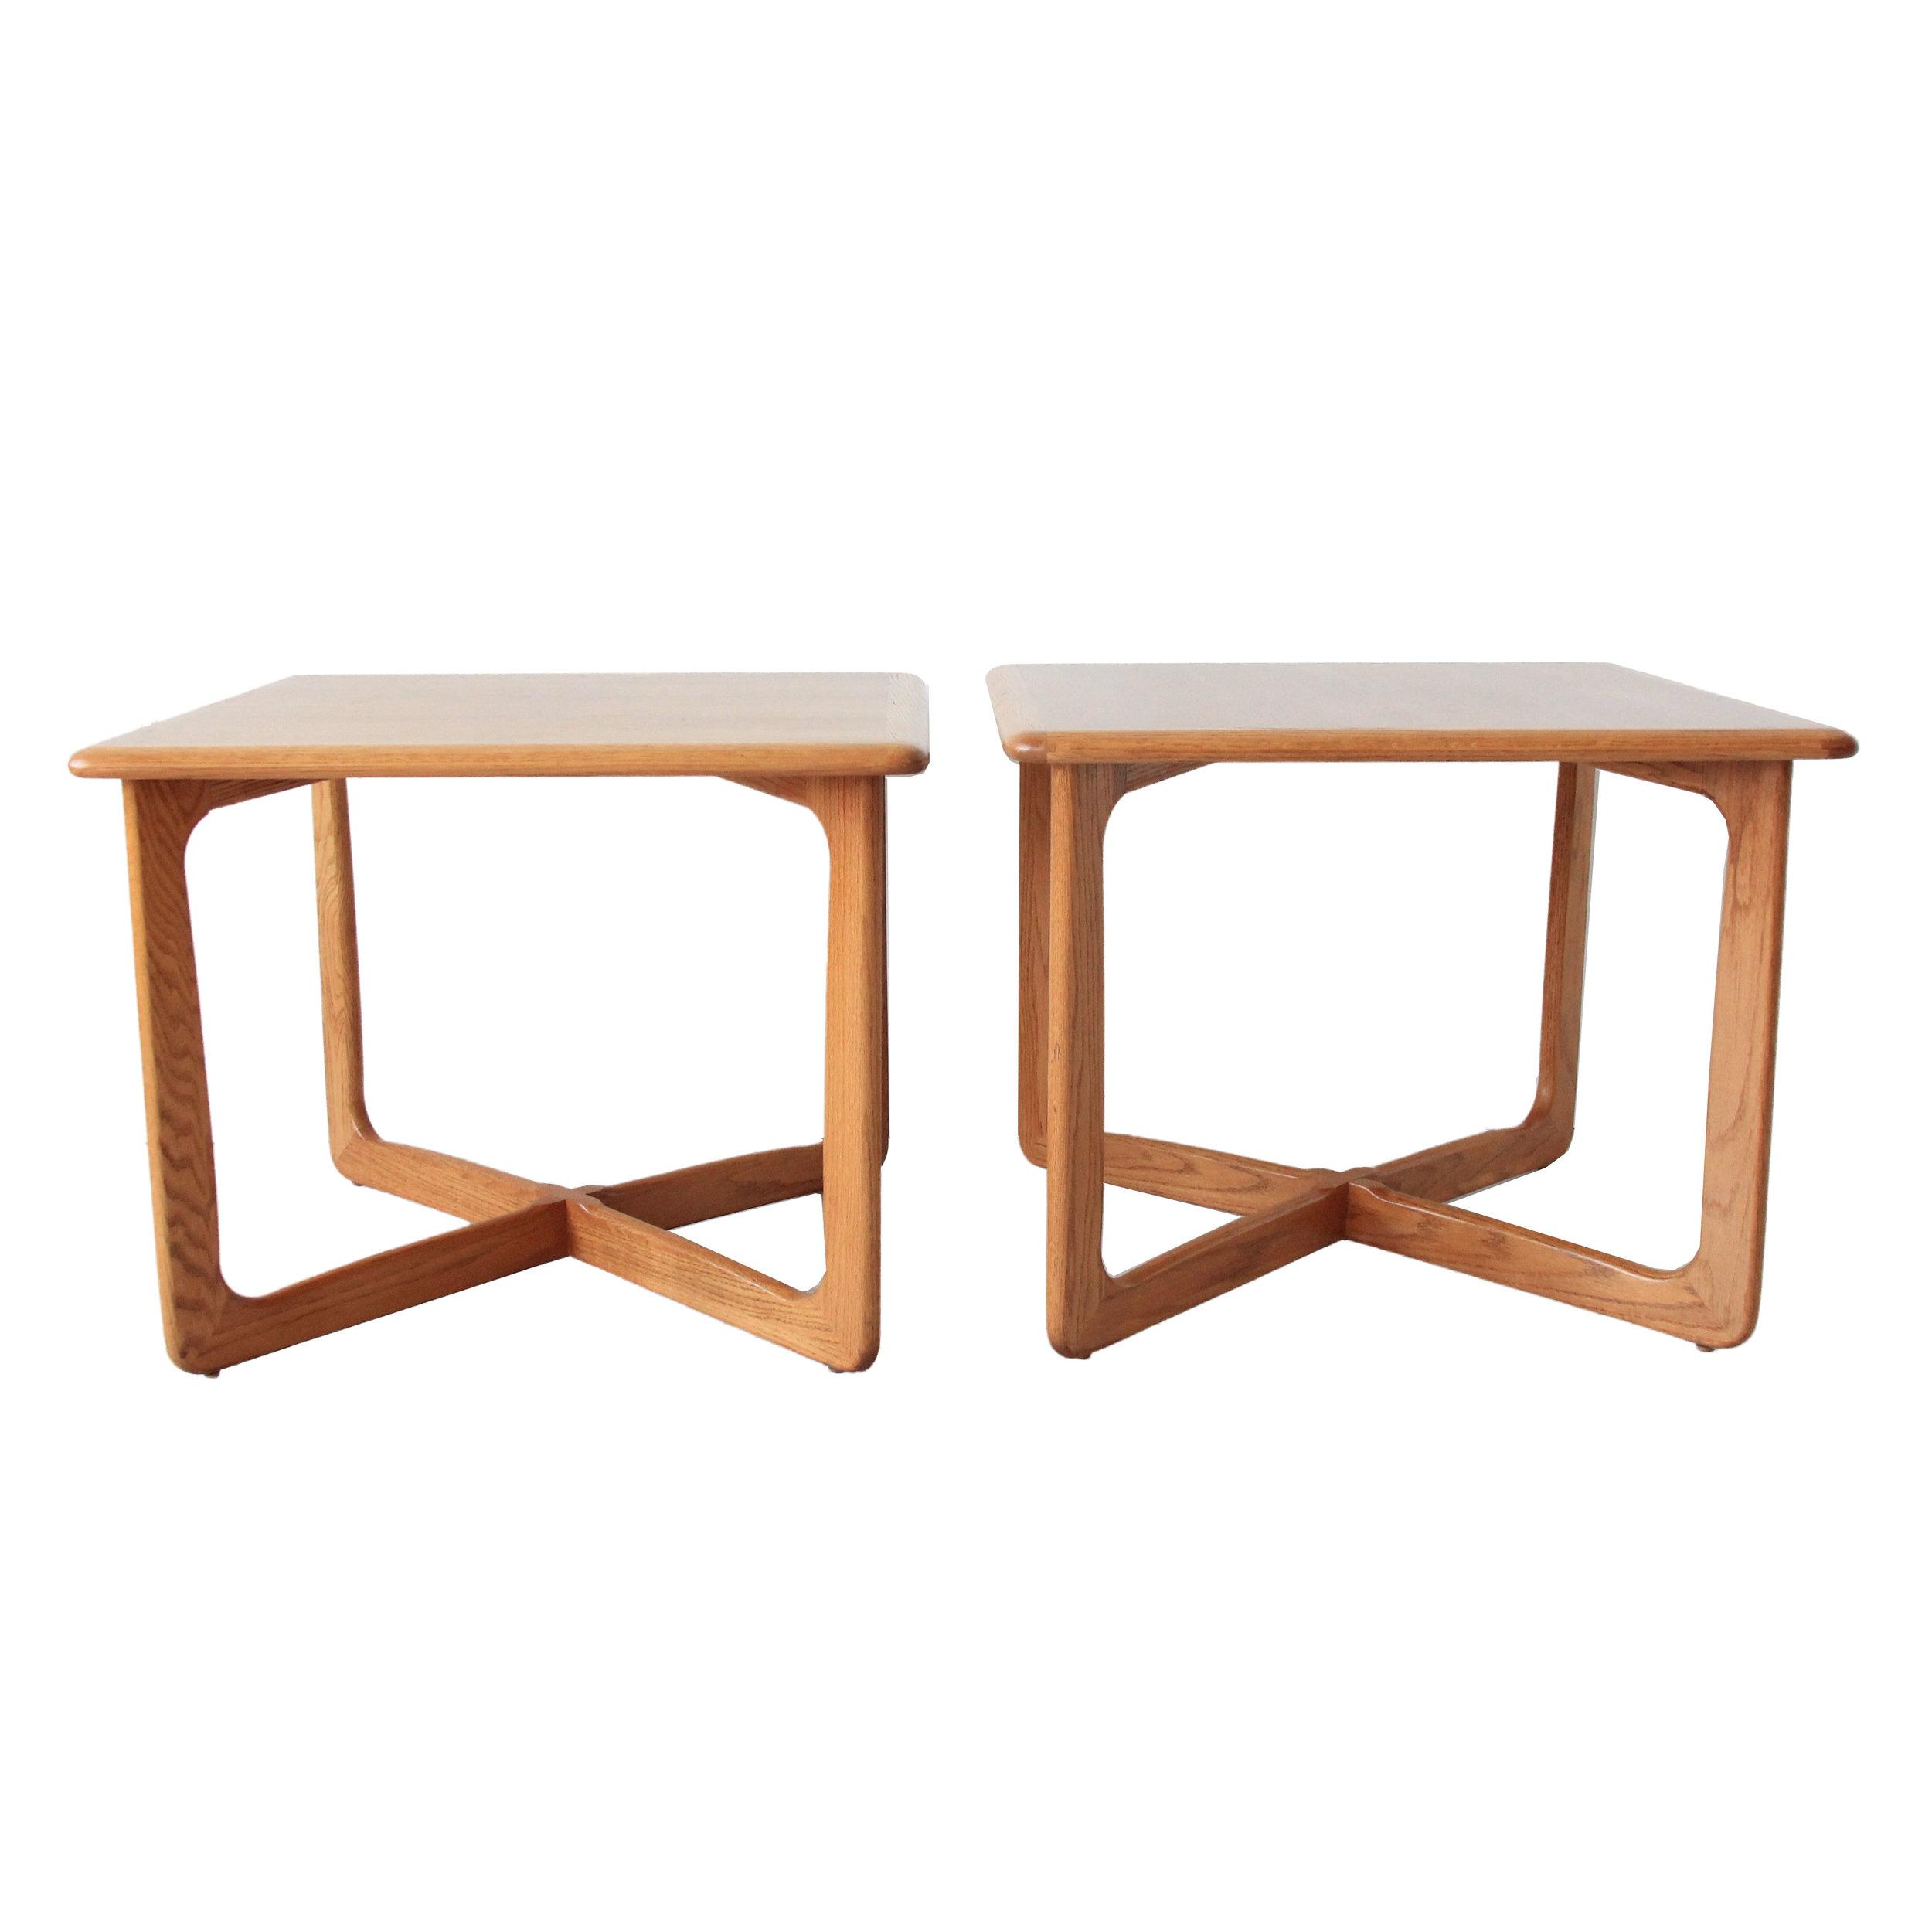 Vintage Mid Century Modern Lane Side Table Pair